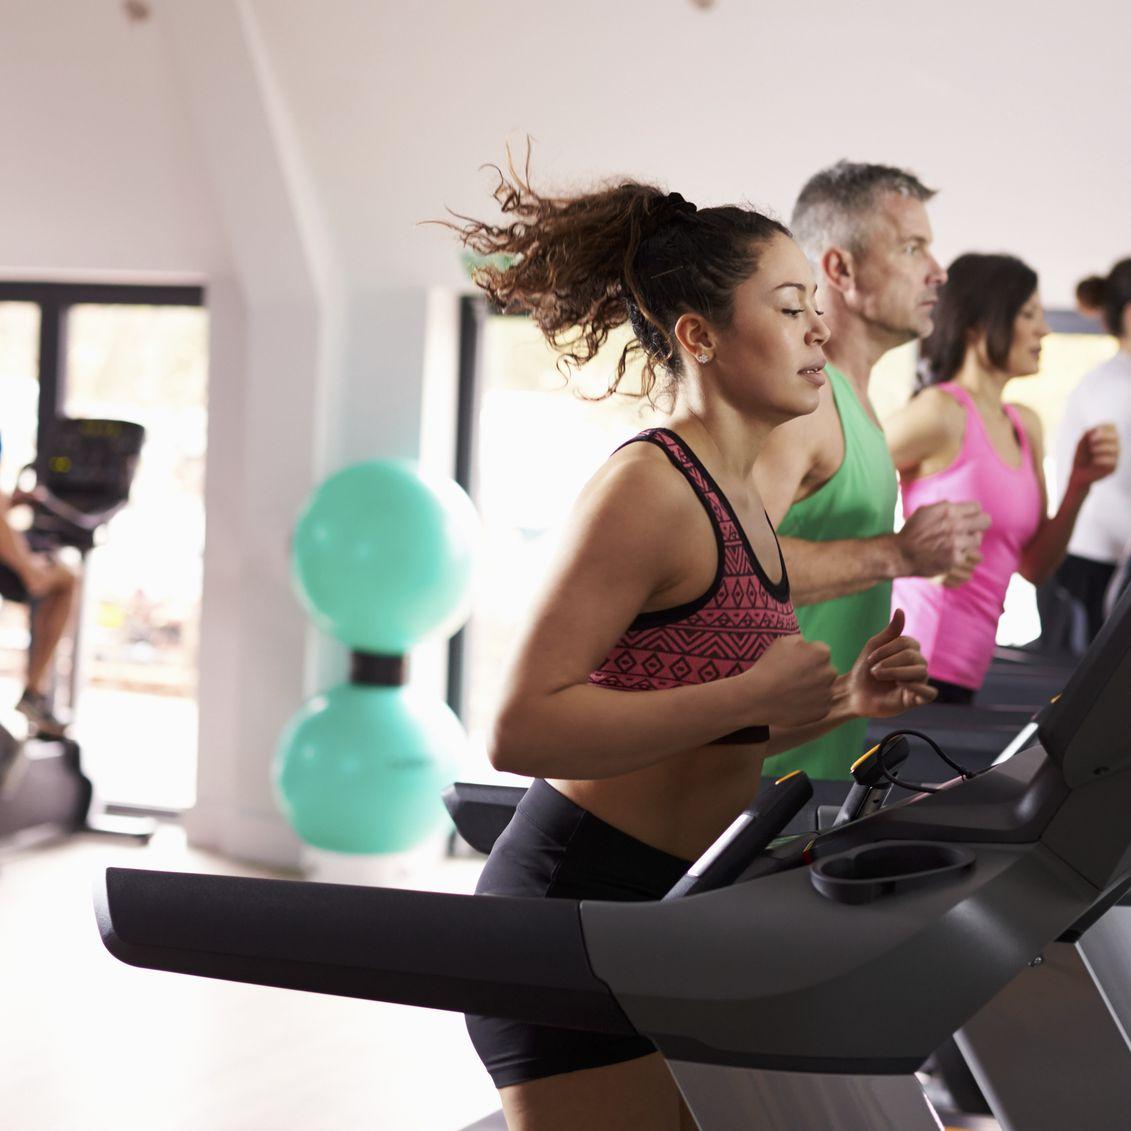 Chạy bộ trên máy chạy bộ điện đều đặn mỗi ngày.